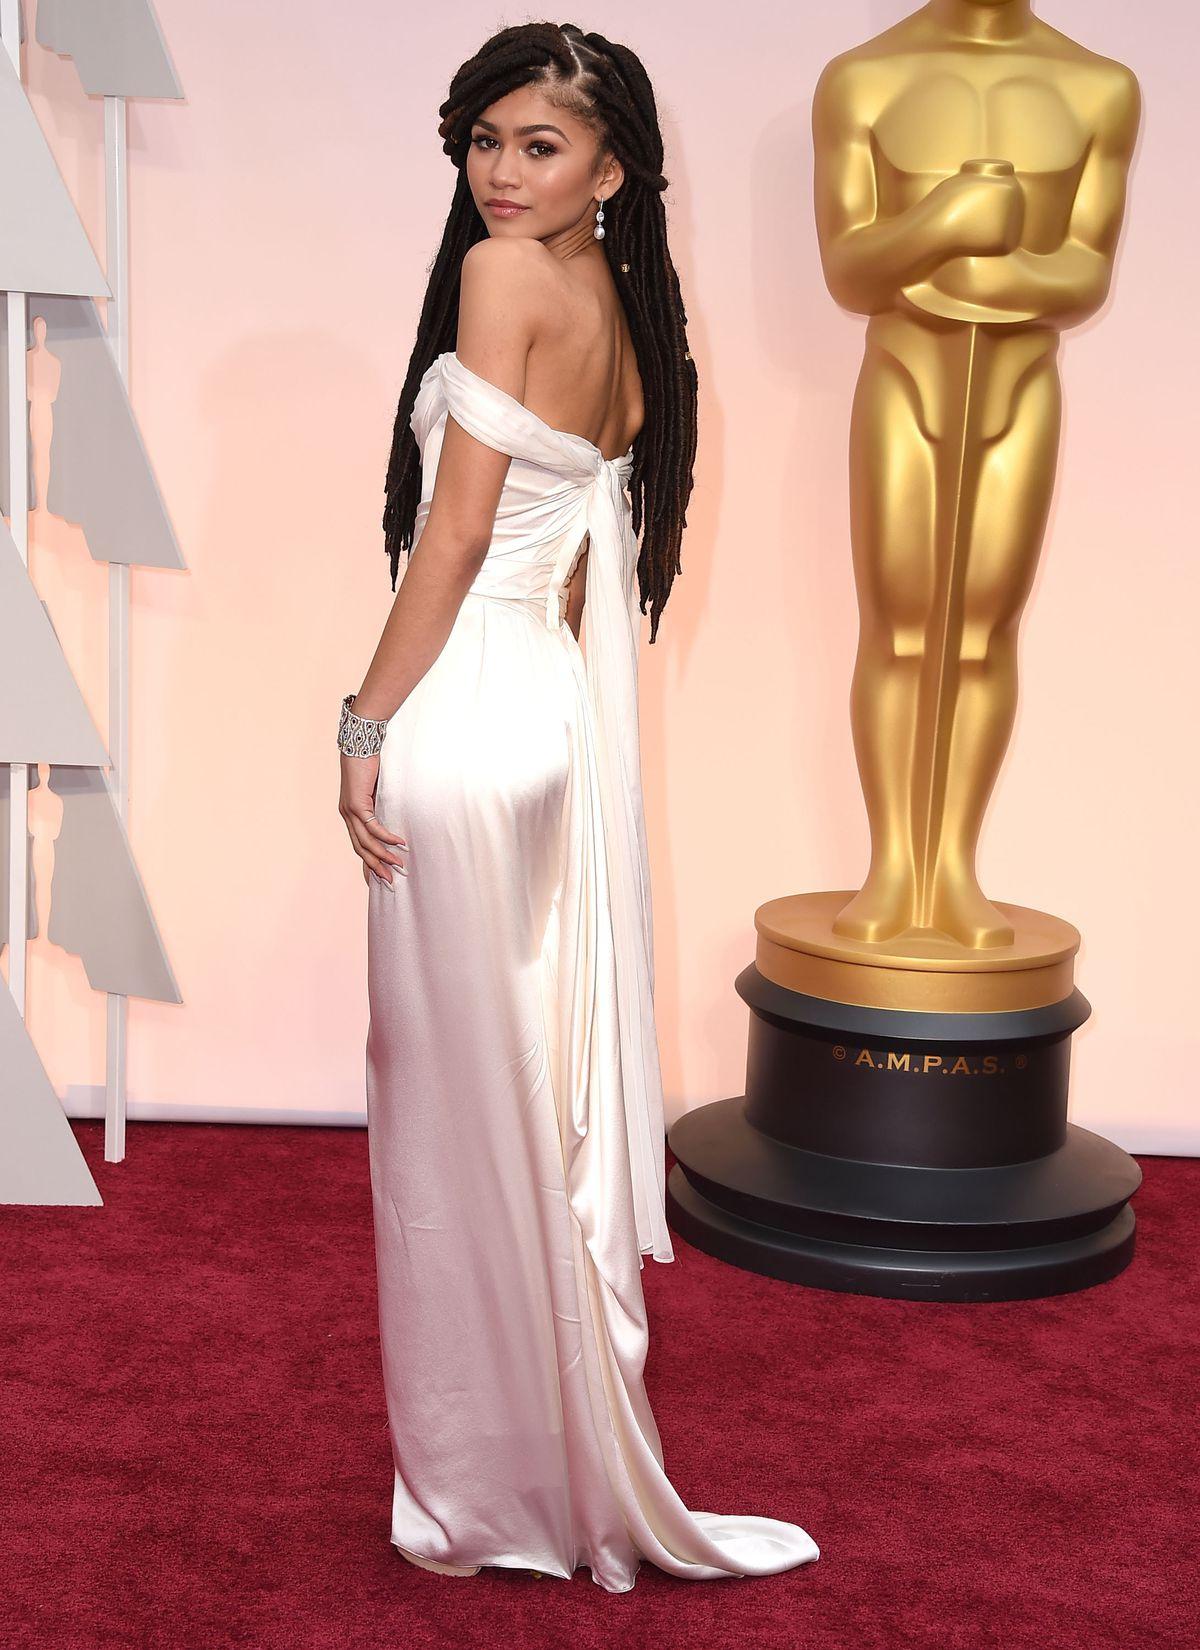 Zendaya at the Oscars.